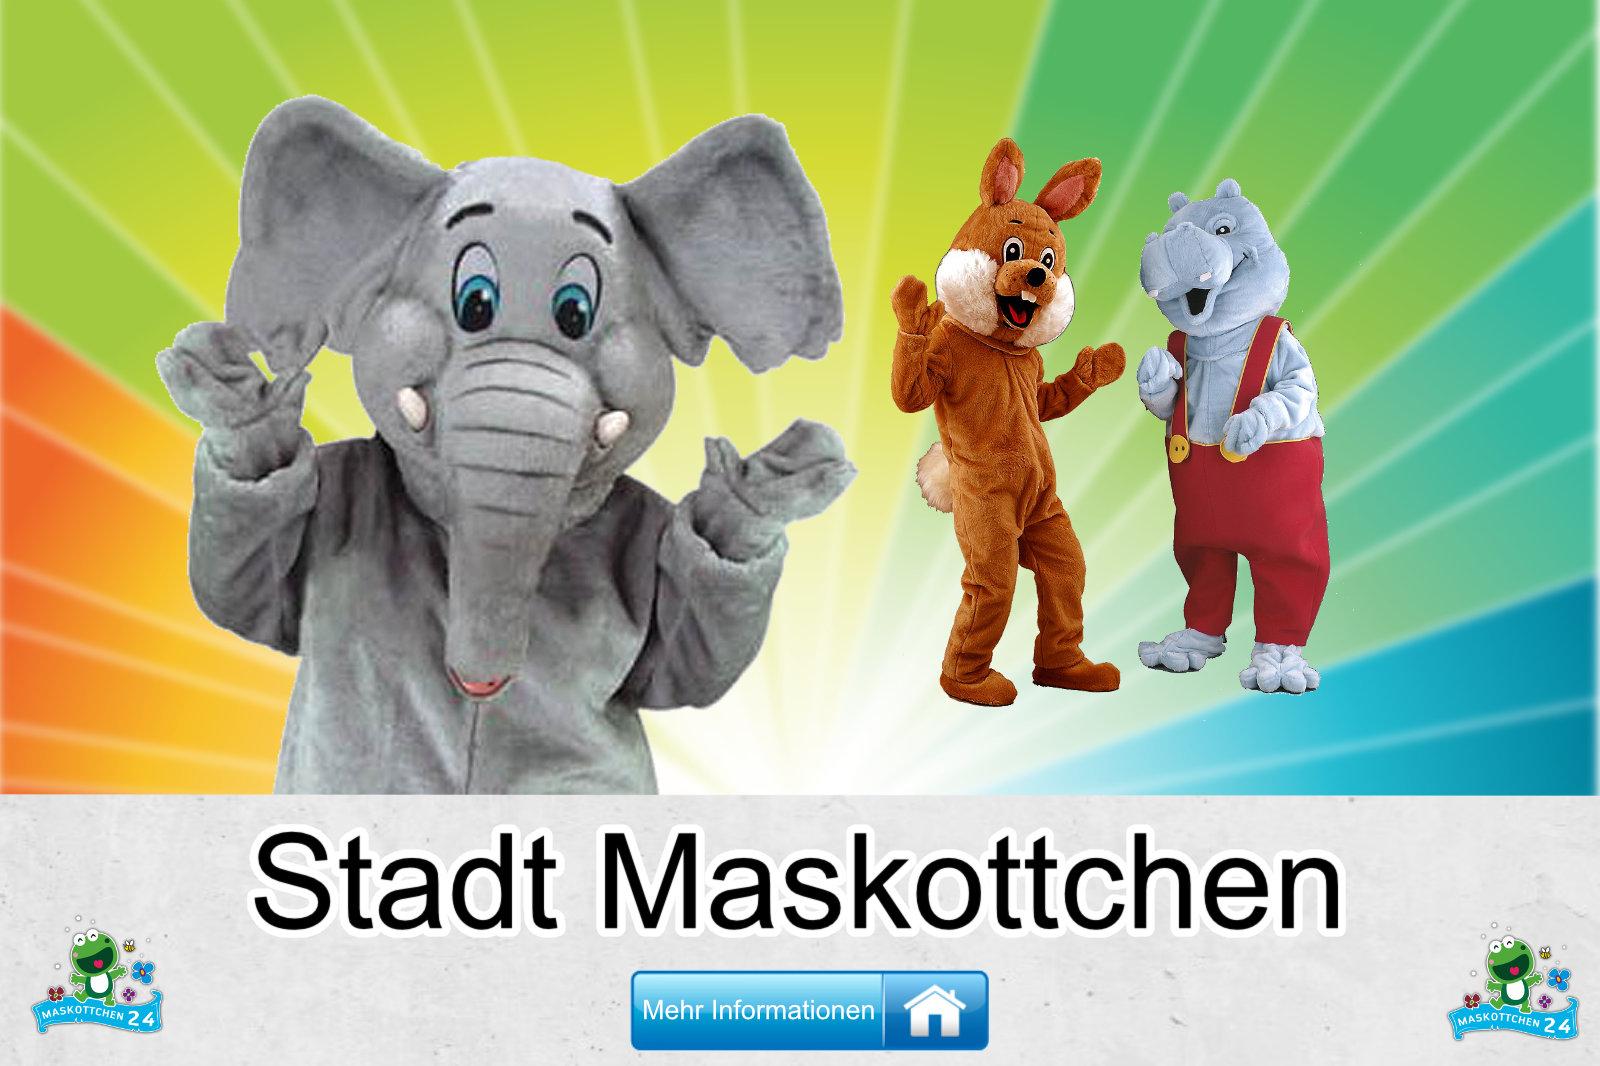 Stadt Kostüme Maskottchen Herstellung Firma günstig kaufen